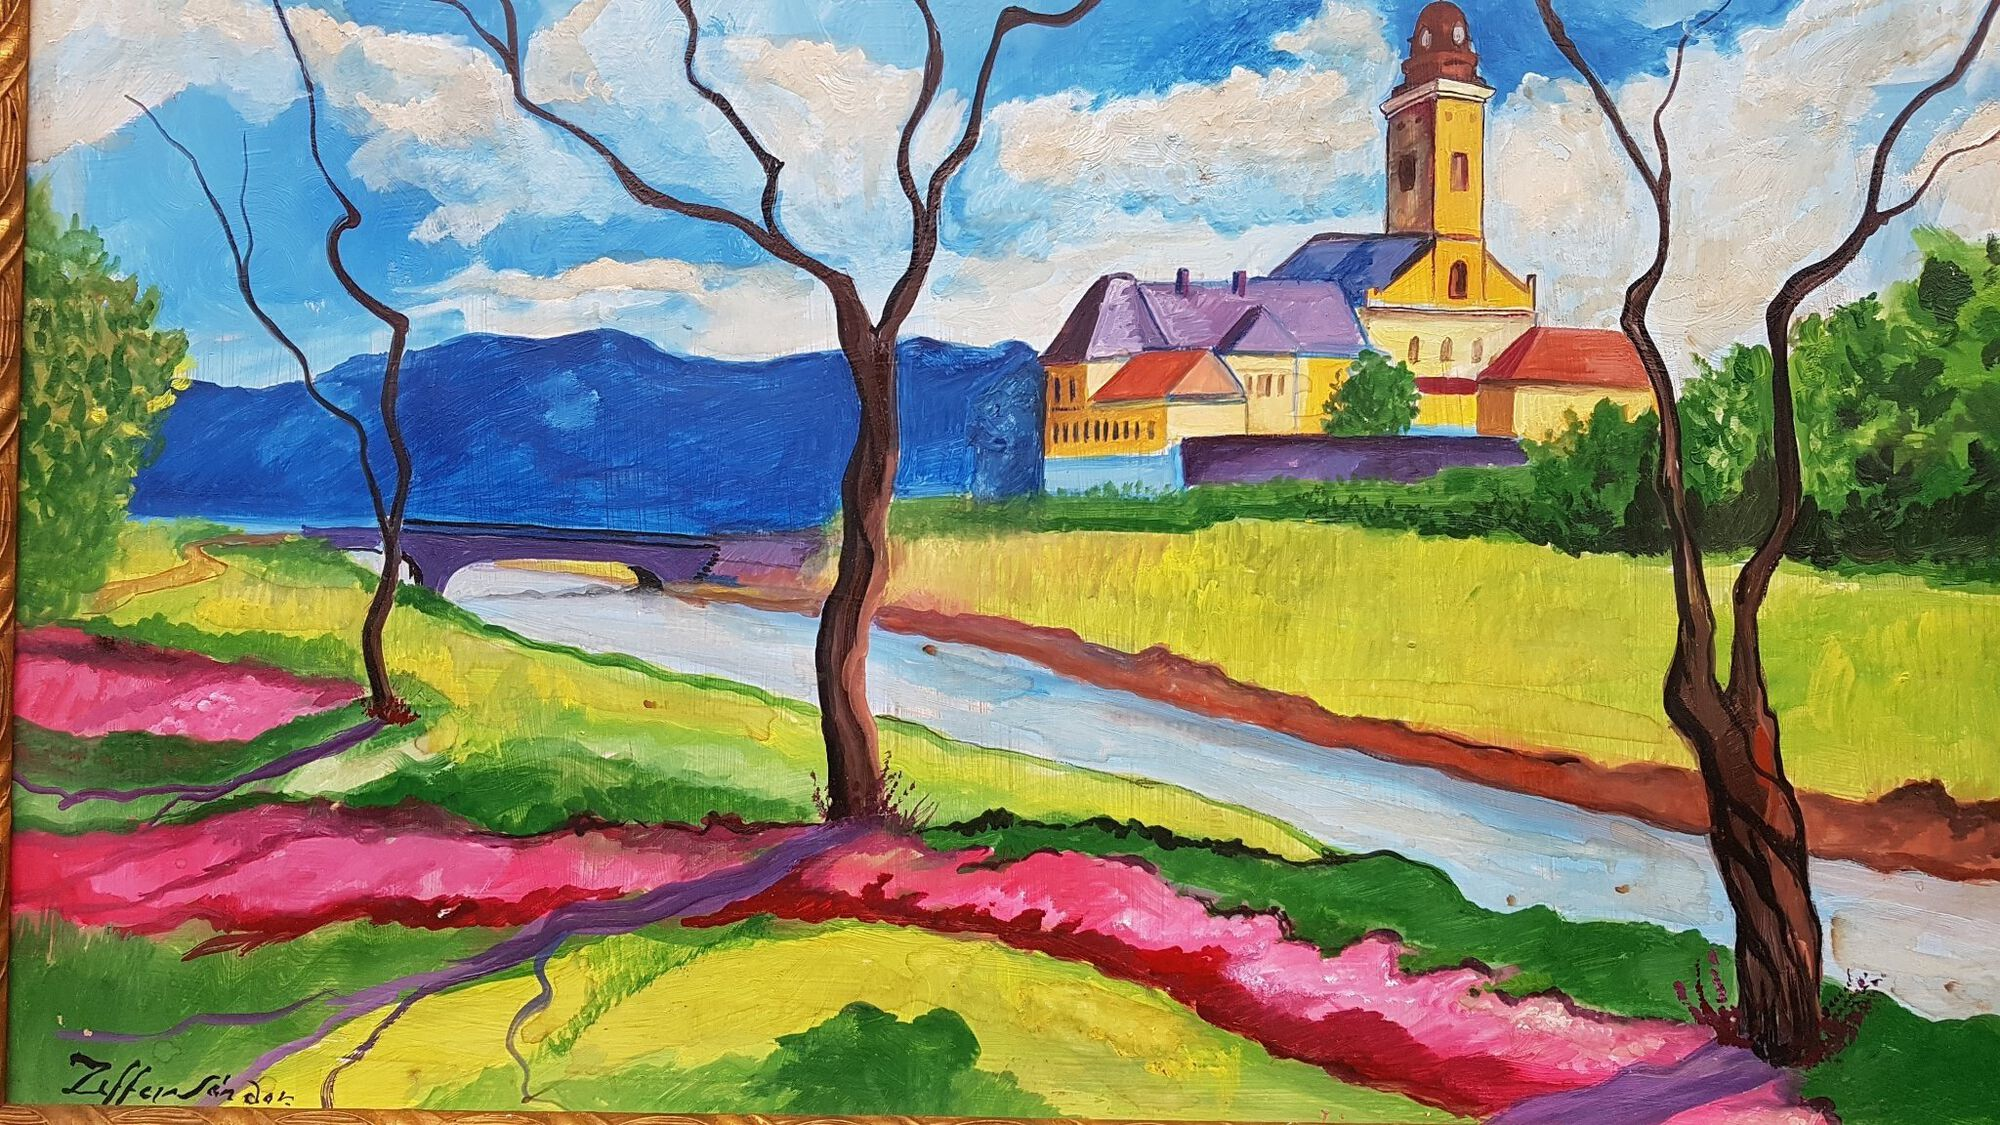 ziffer sándor festmény böhm józsef gyűjtemény kiállítás